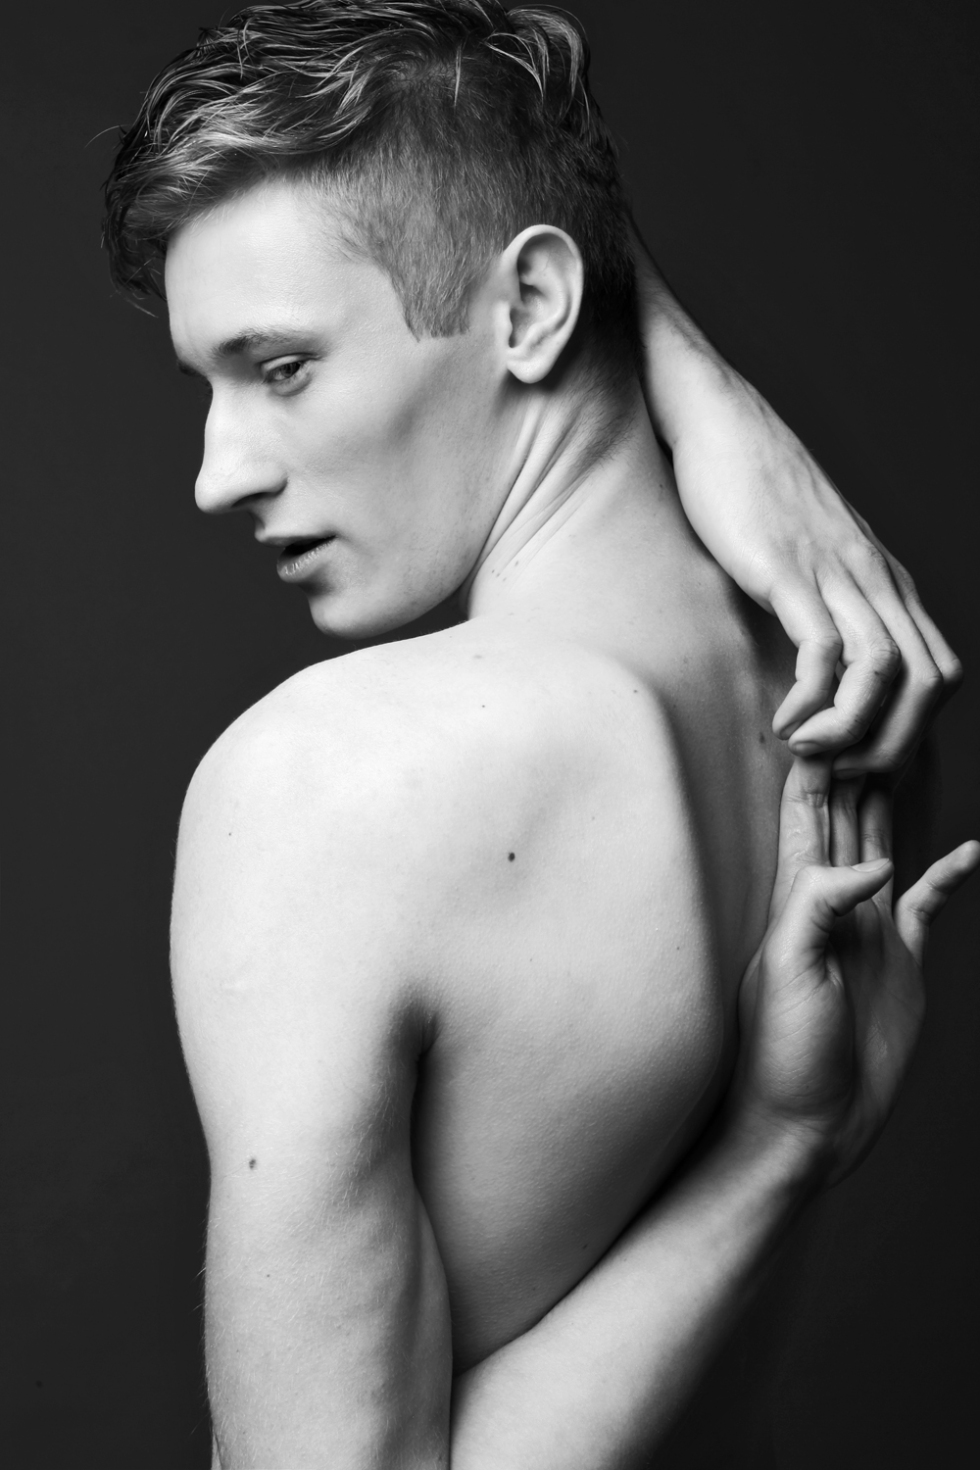 Sculptural by Wojciech Jachyra Photography